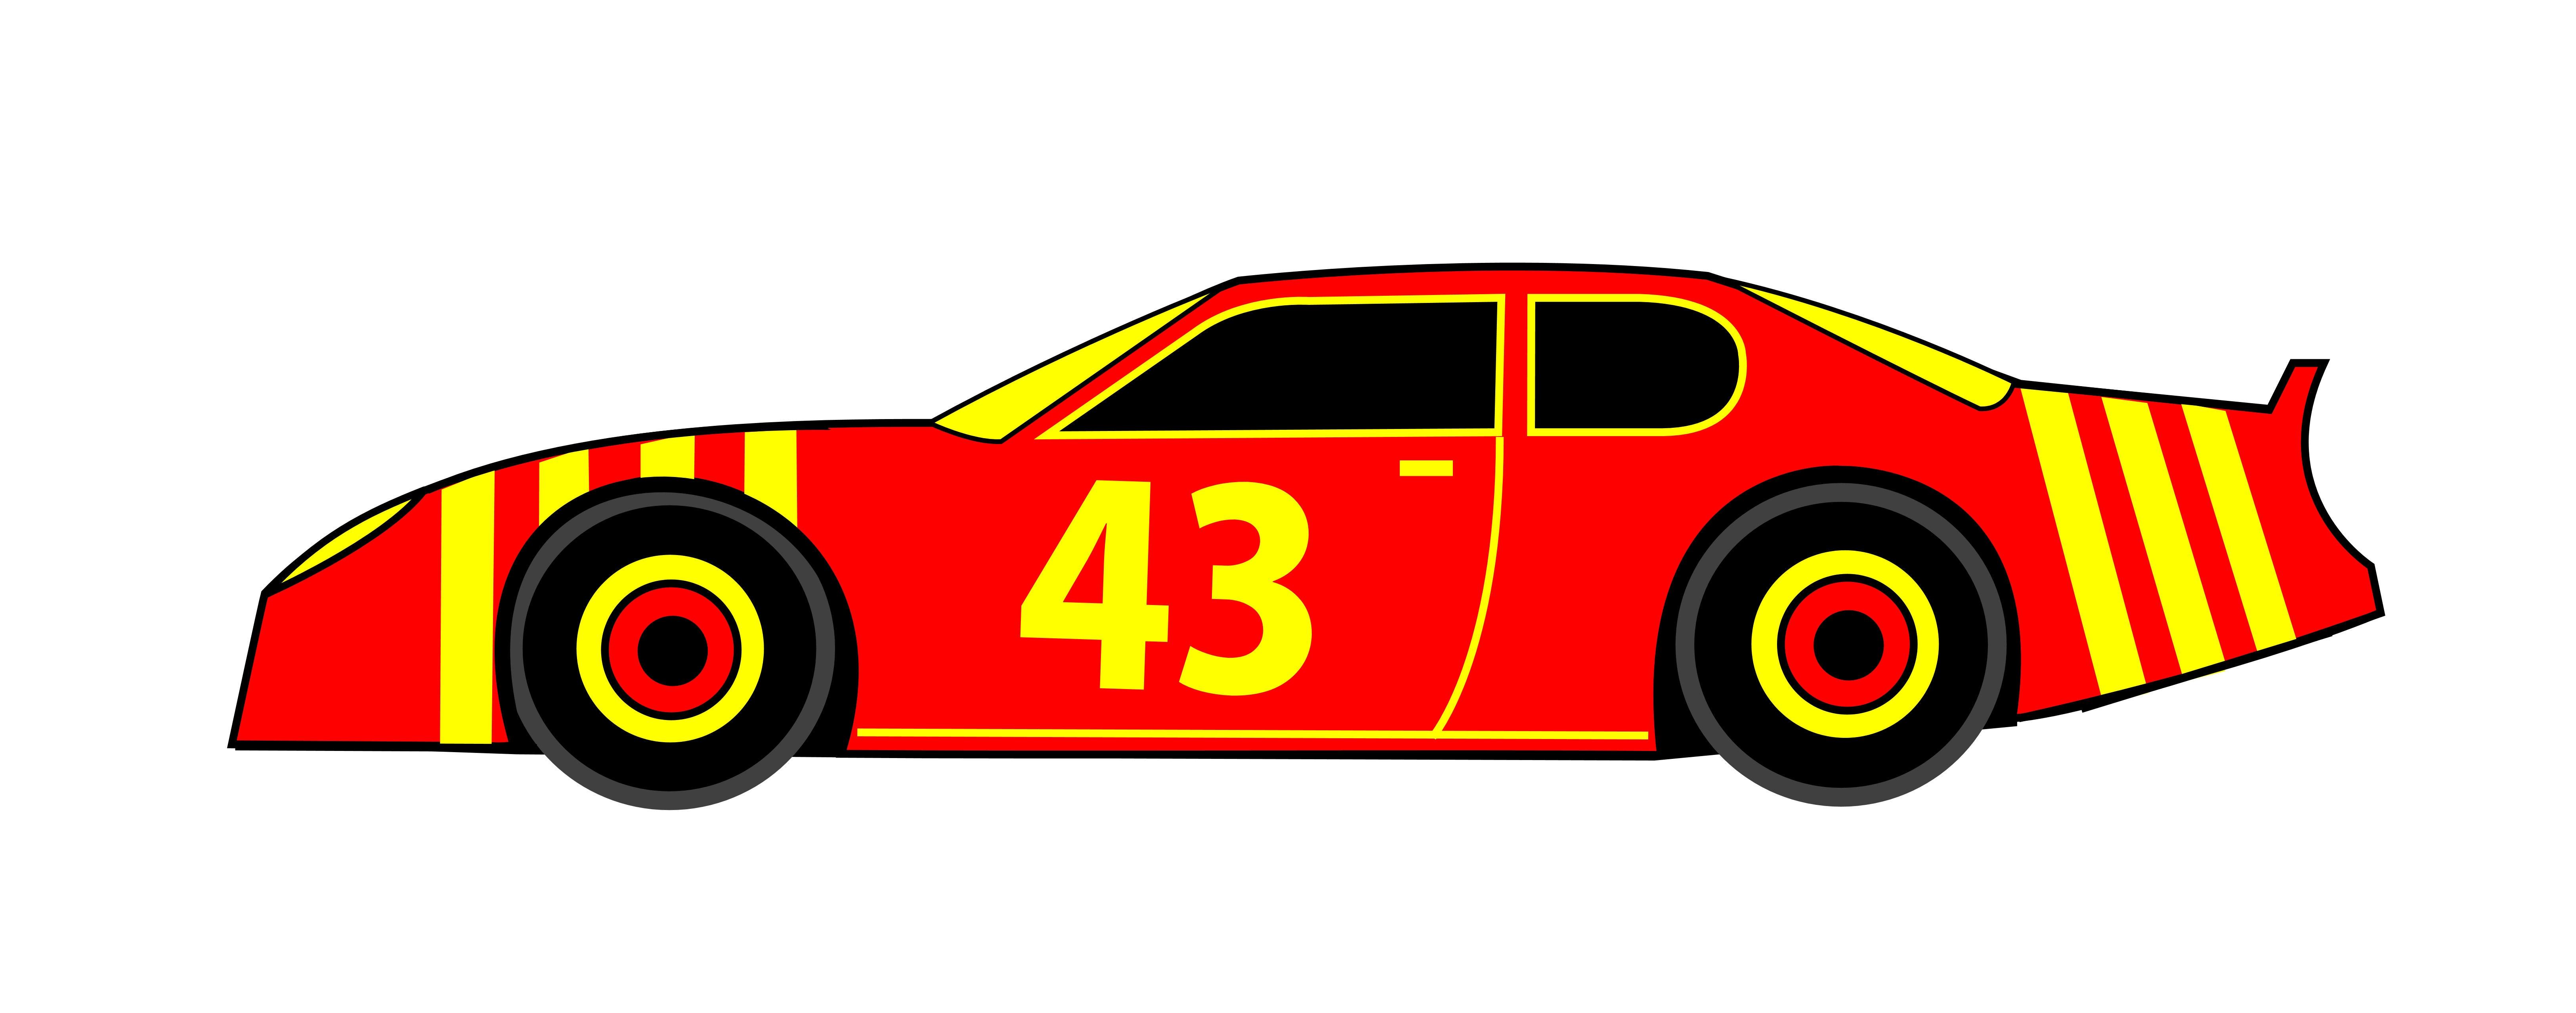 6500x2555 Race Car Clipart